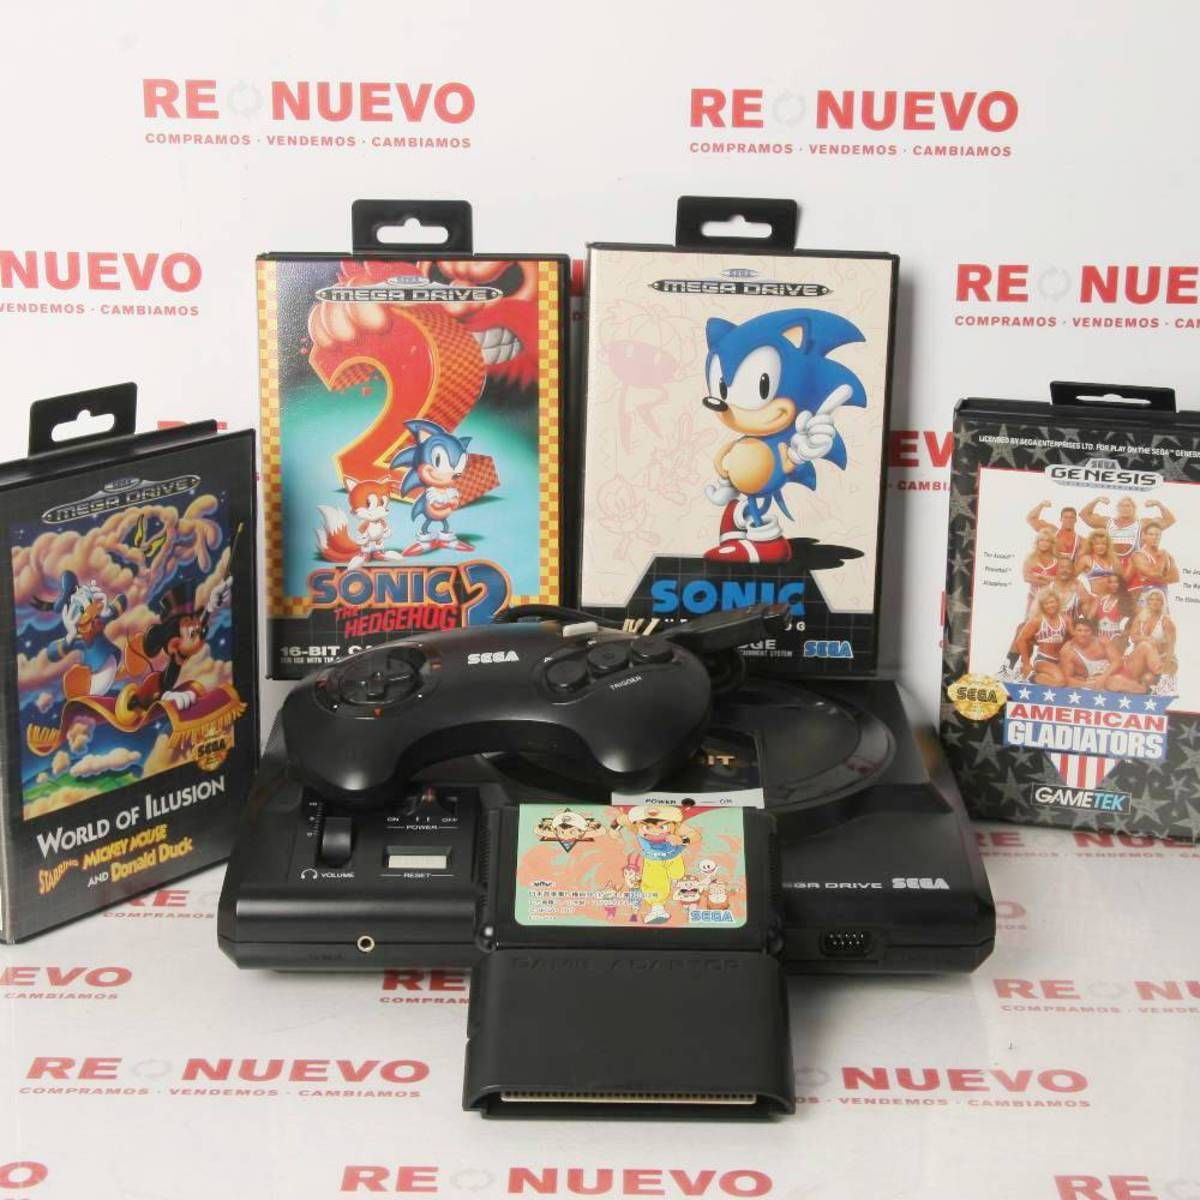 Consola Sega Megadrive 5 Juegos En Maletin De Segunda Mano E278330